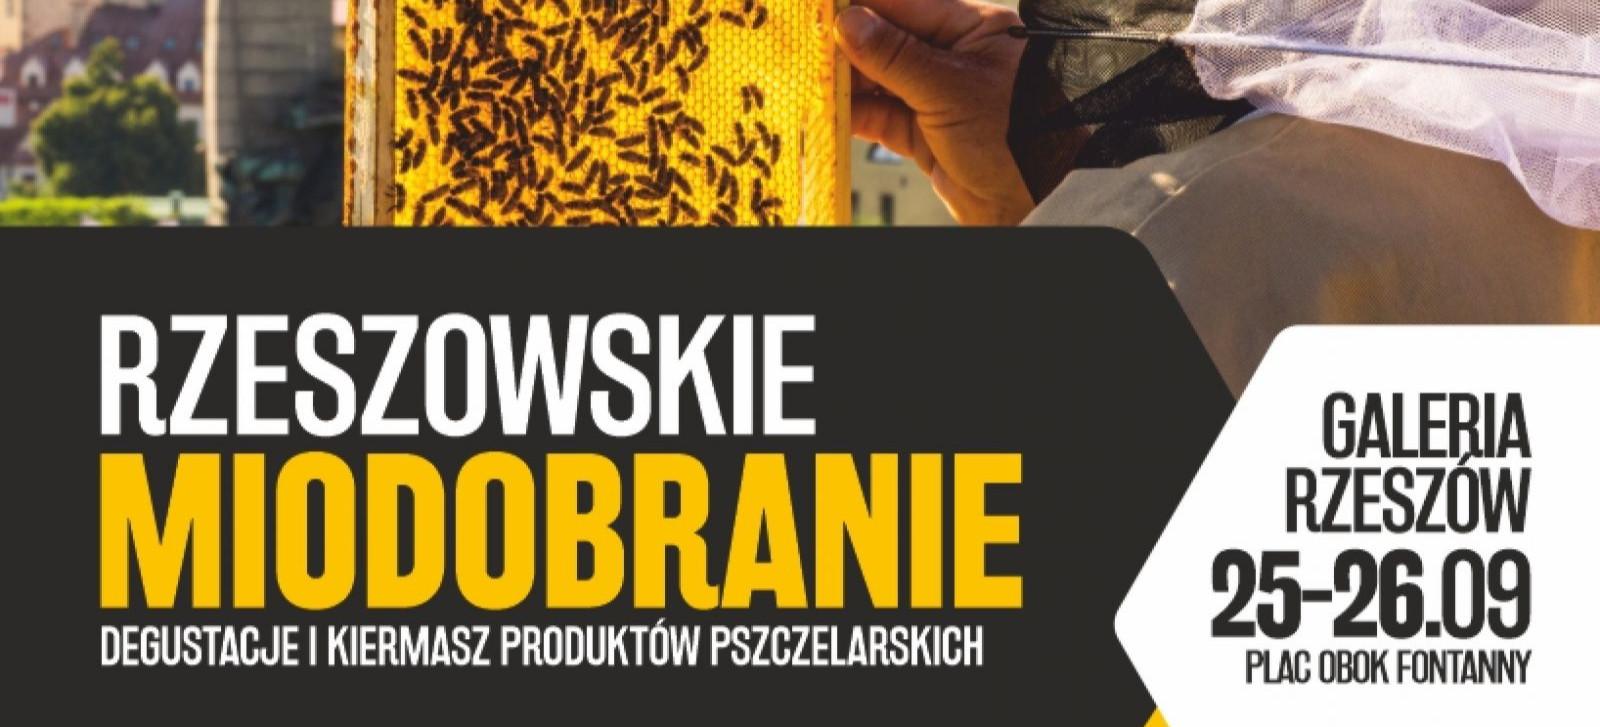 Rzeszowskie miodobranie – degustacje i kiermasz produktów pszczelarskich